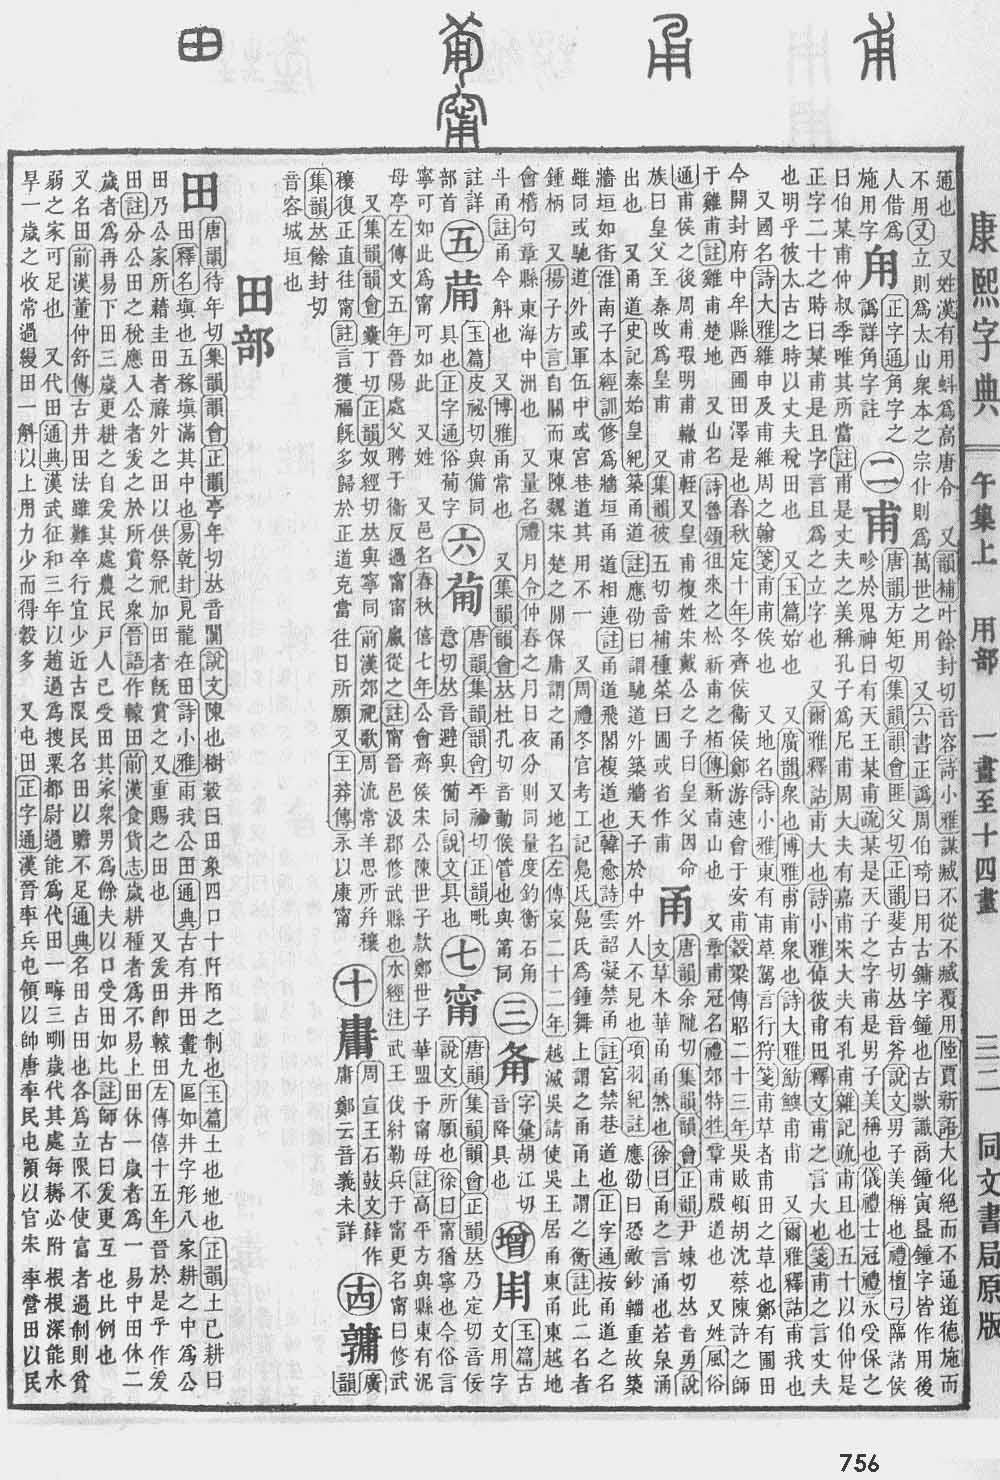 《康熙字典》第756页